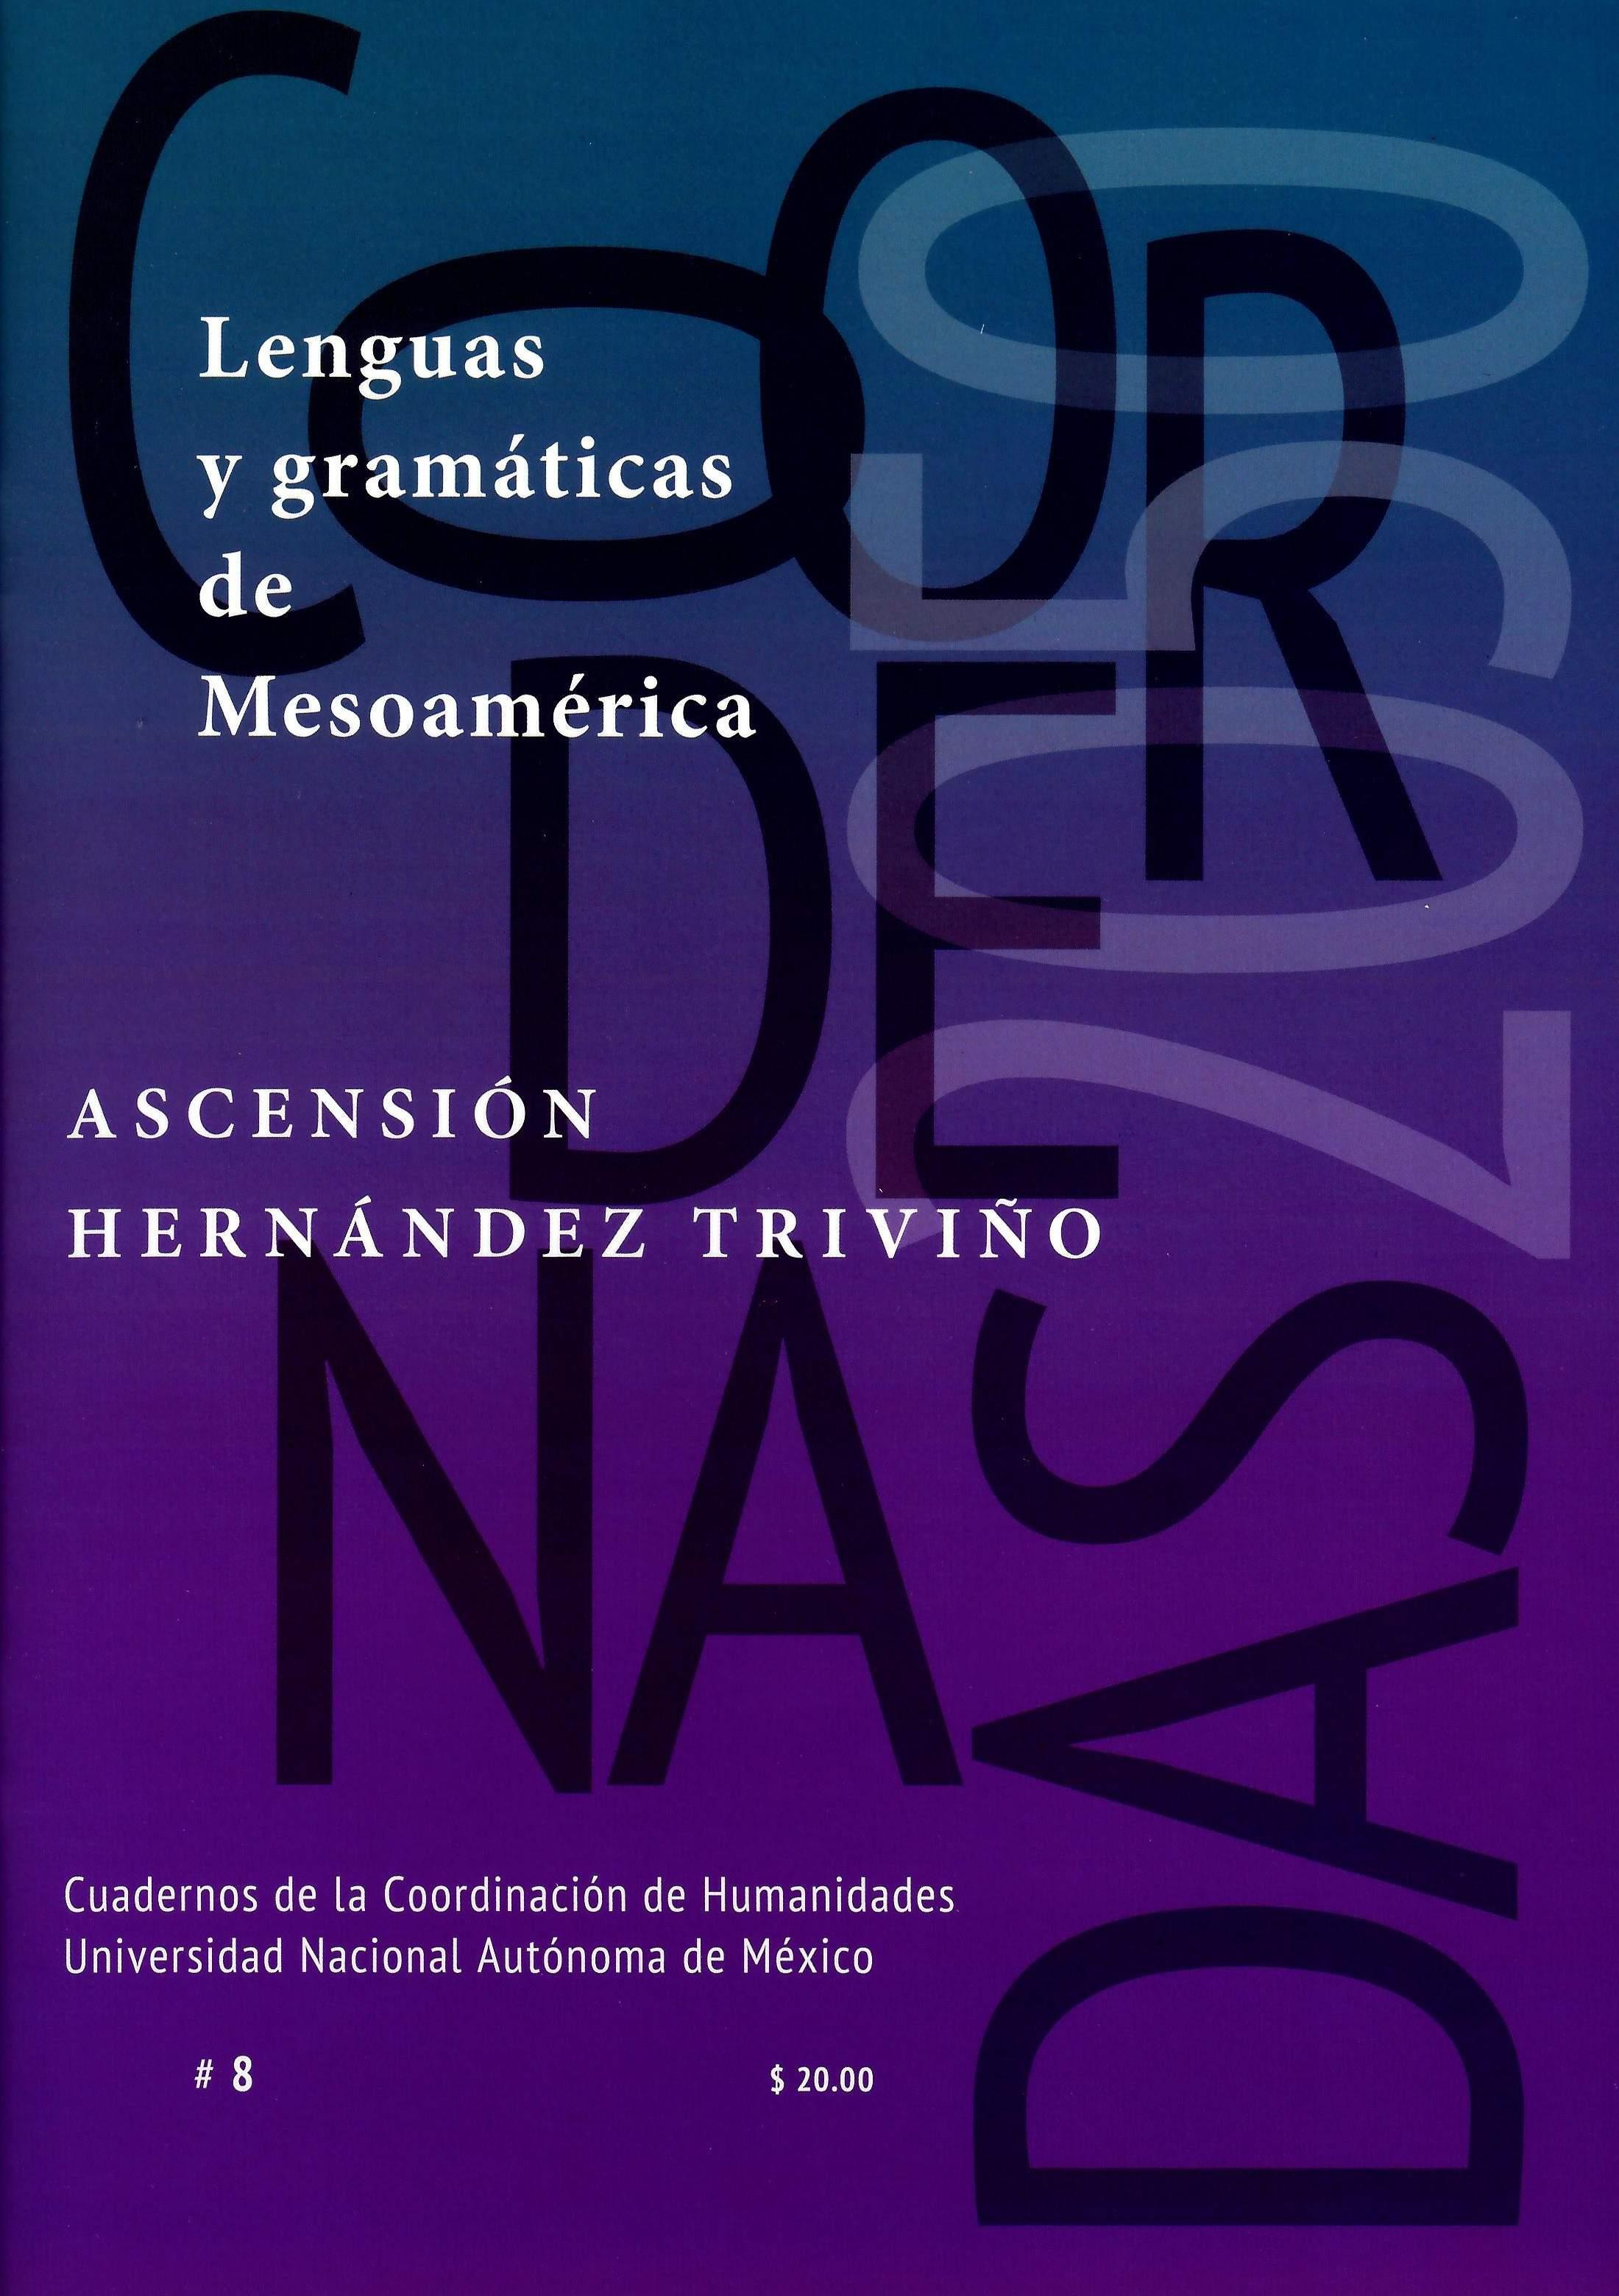 Lenguas y gramáticas de Mesoamérica